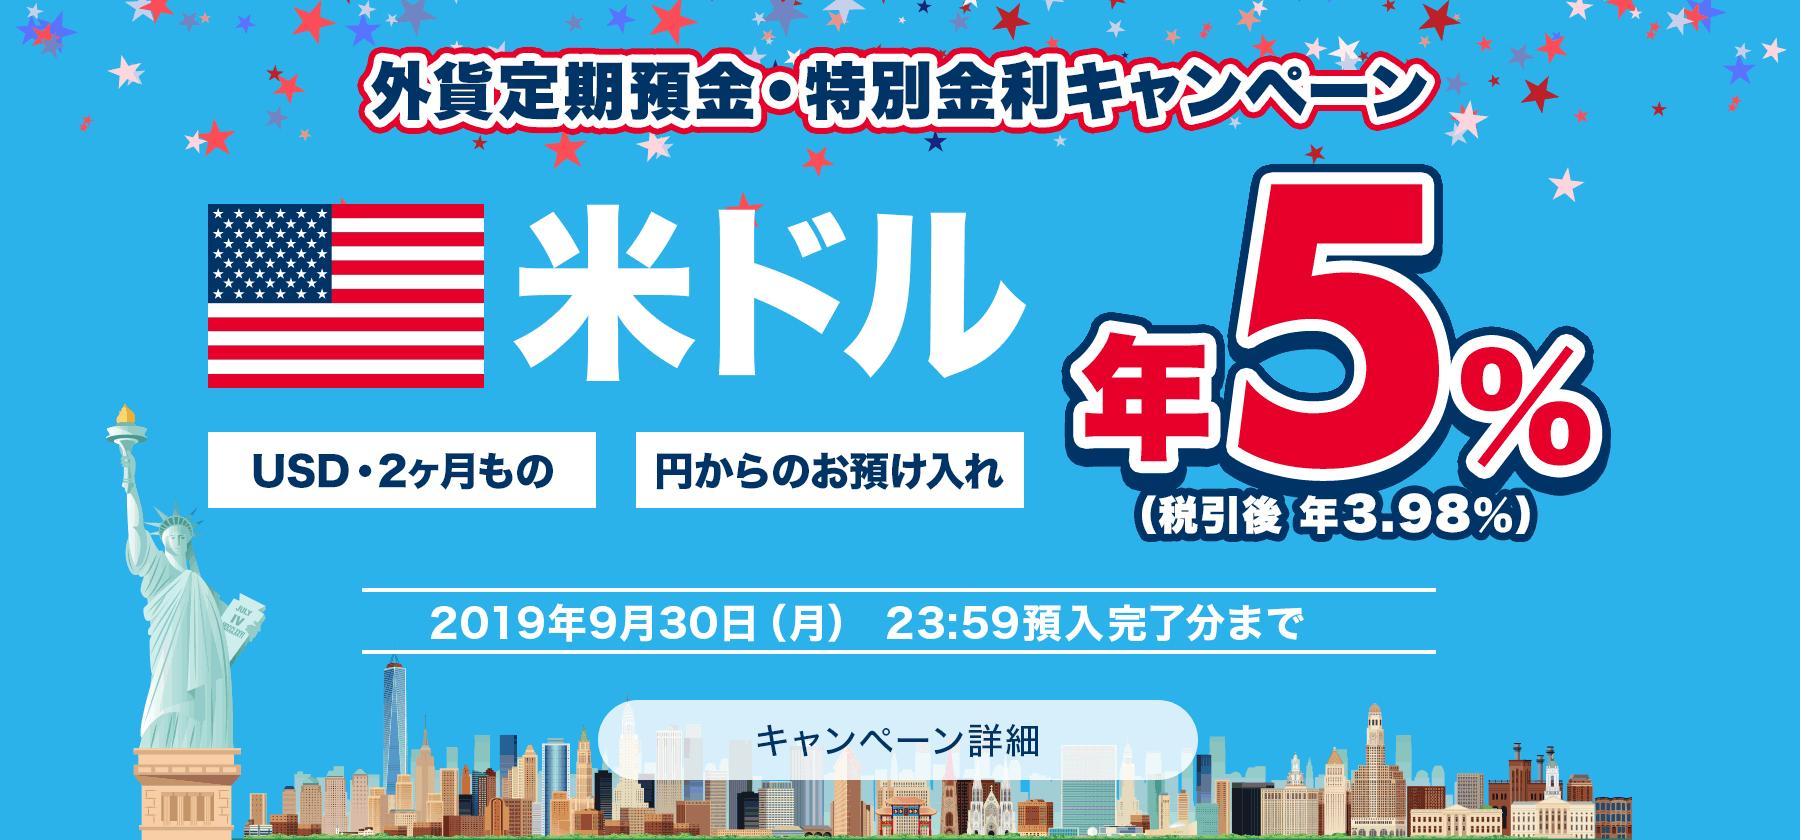 <特別金利キャンペーン>米ドル金利5%!|ジャパンネット銀行